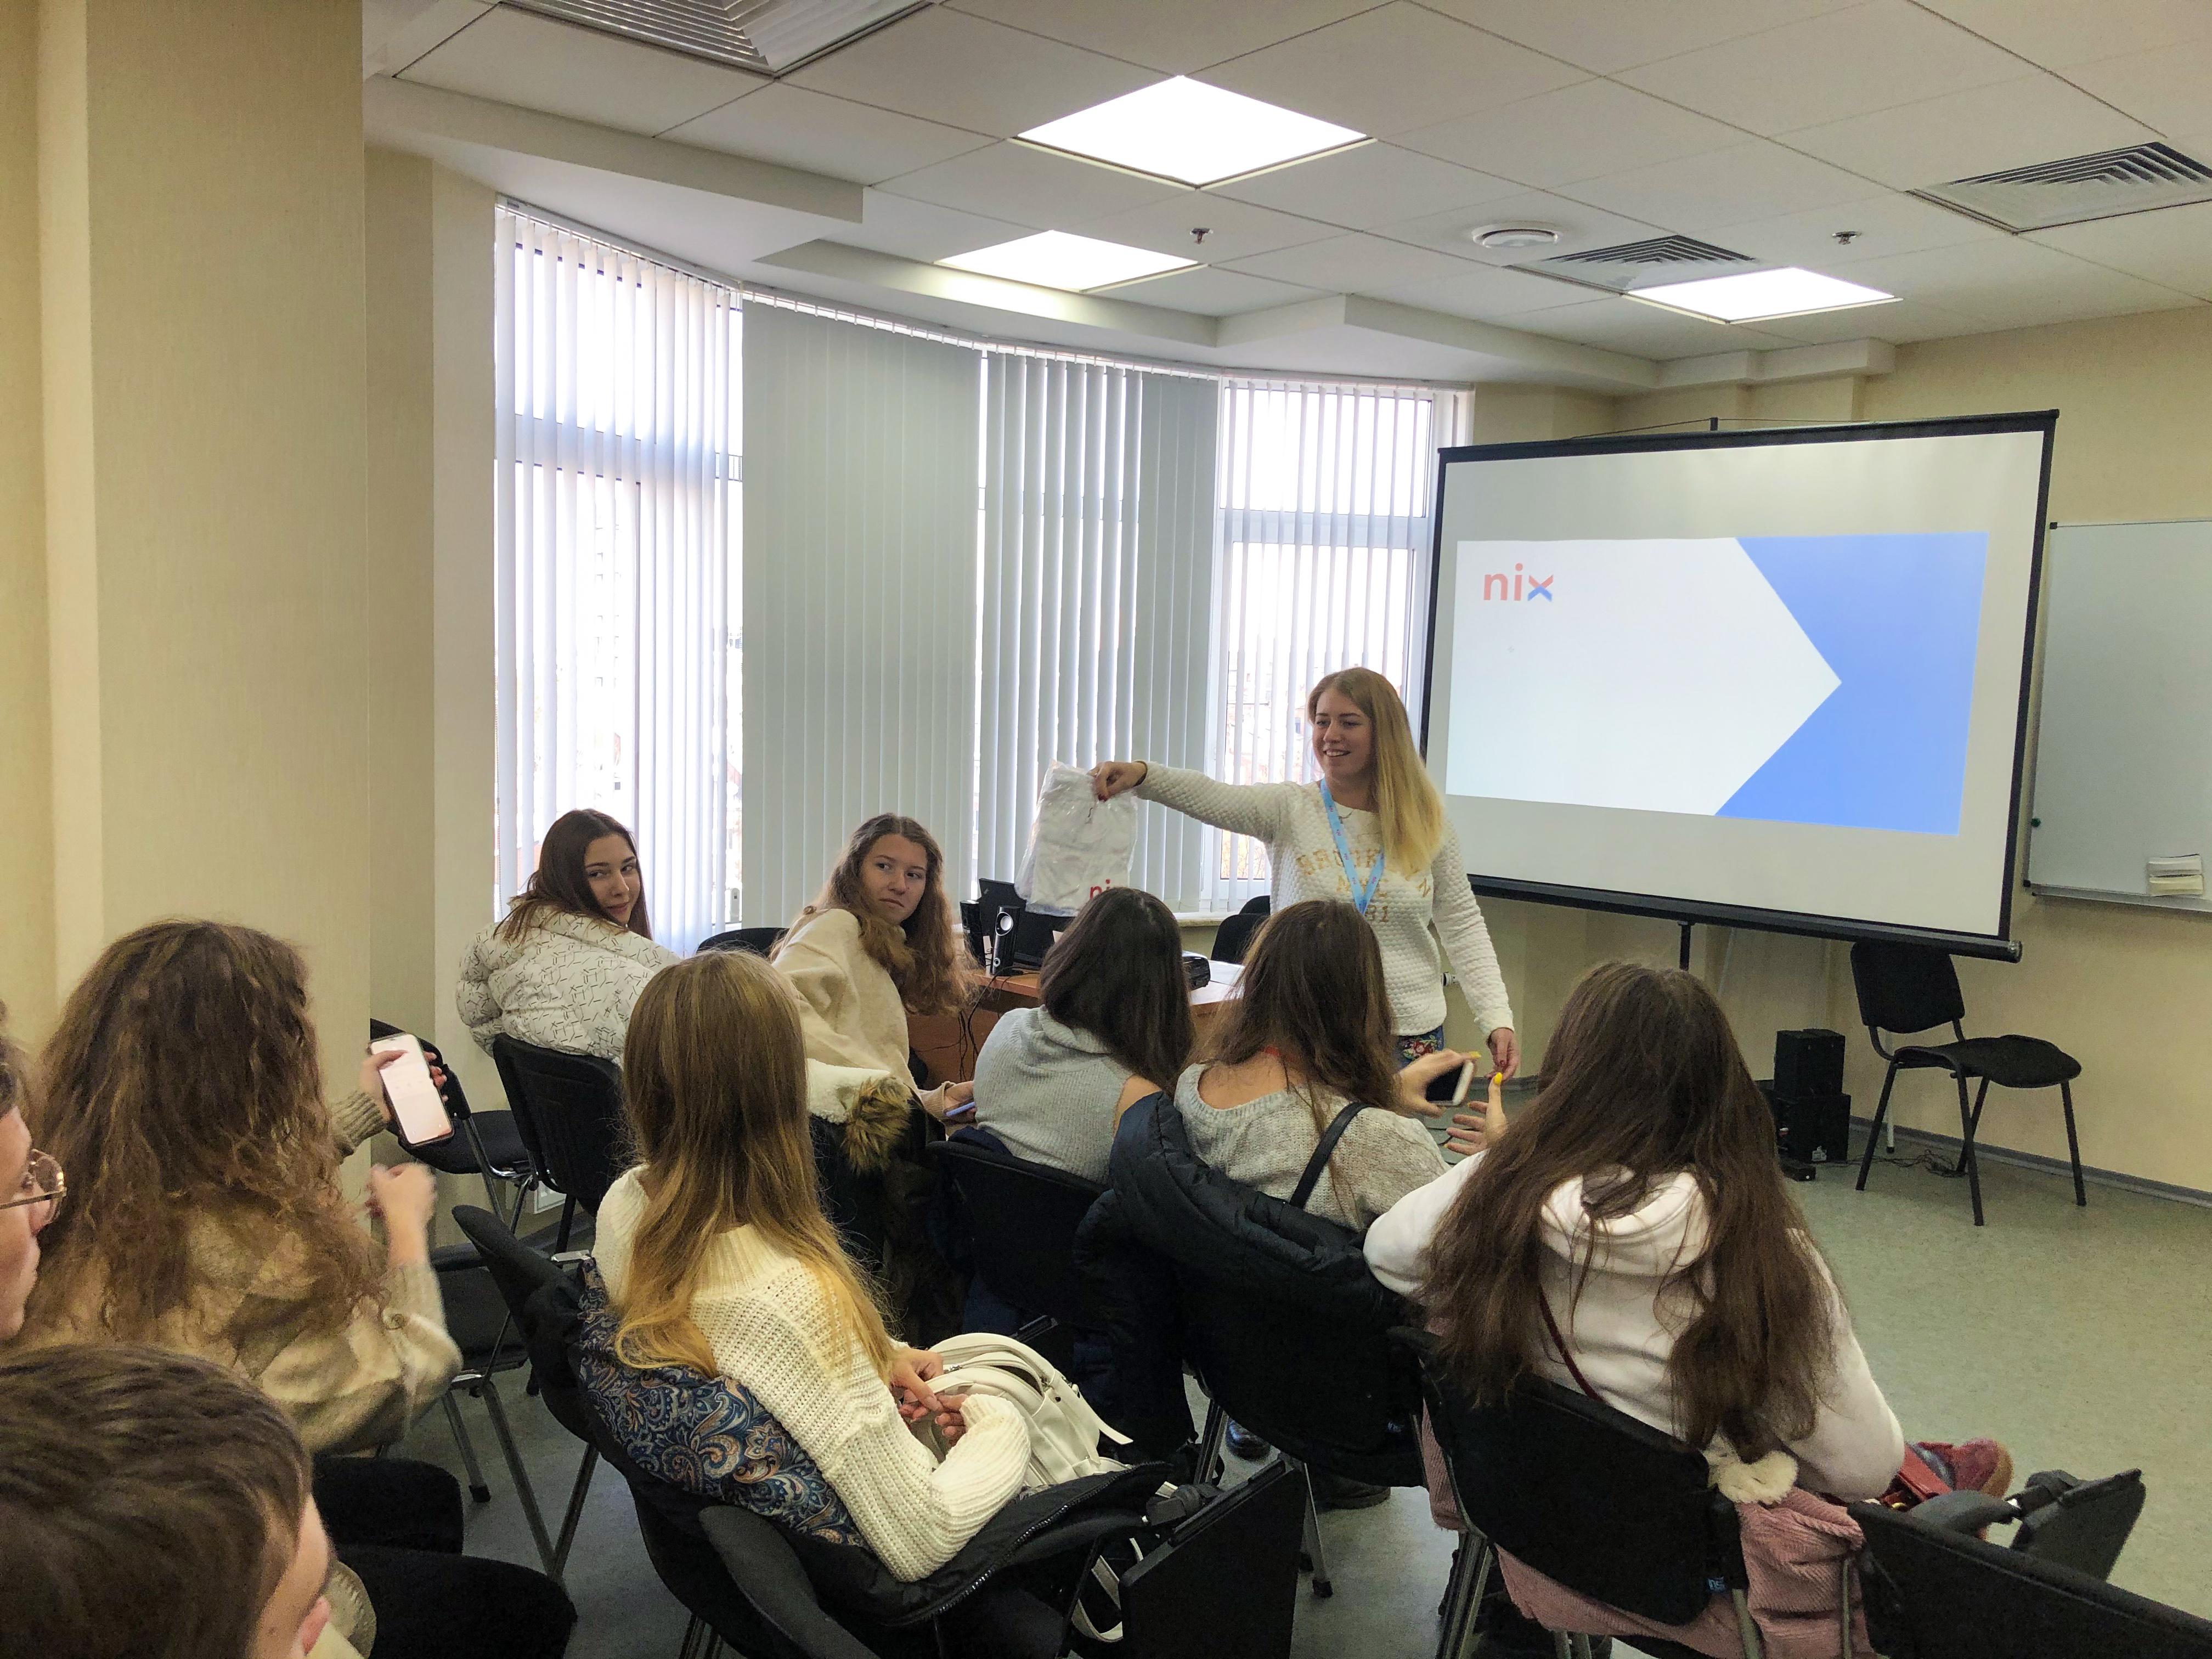 rr Kids2IT - екскурсія для школярів у компанію NIX